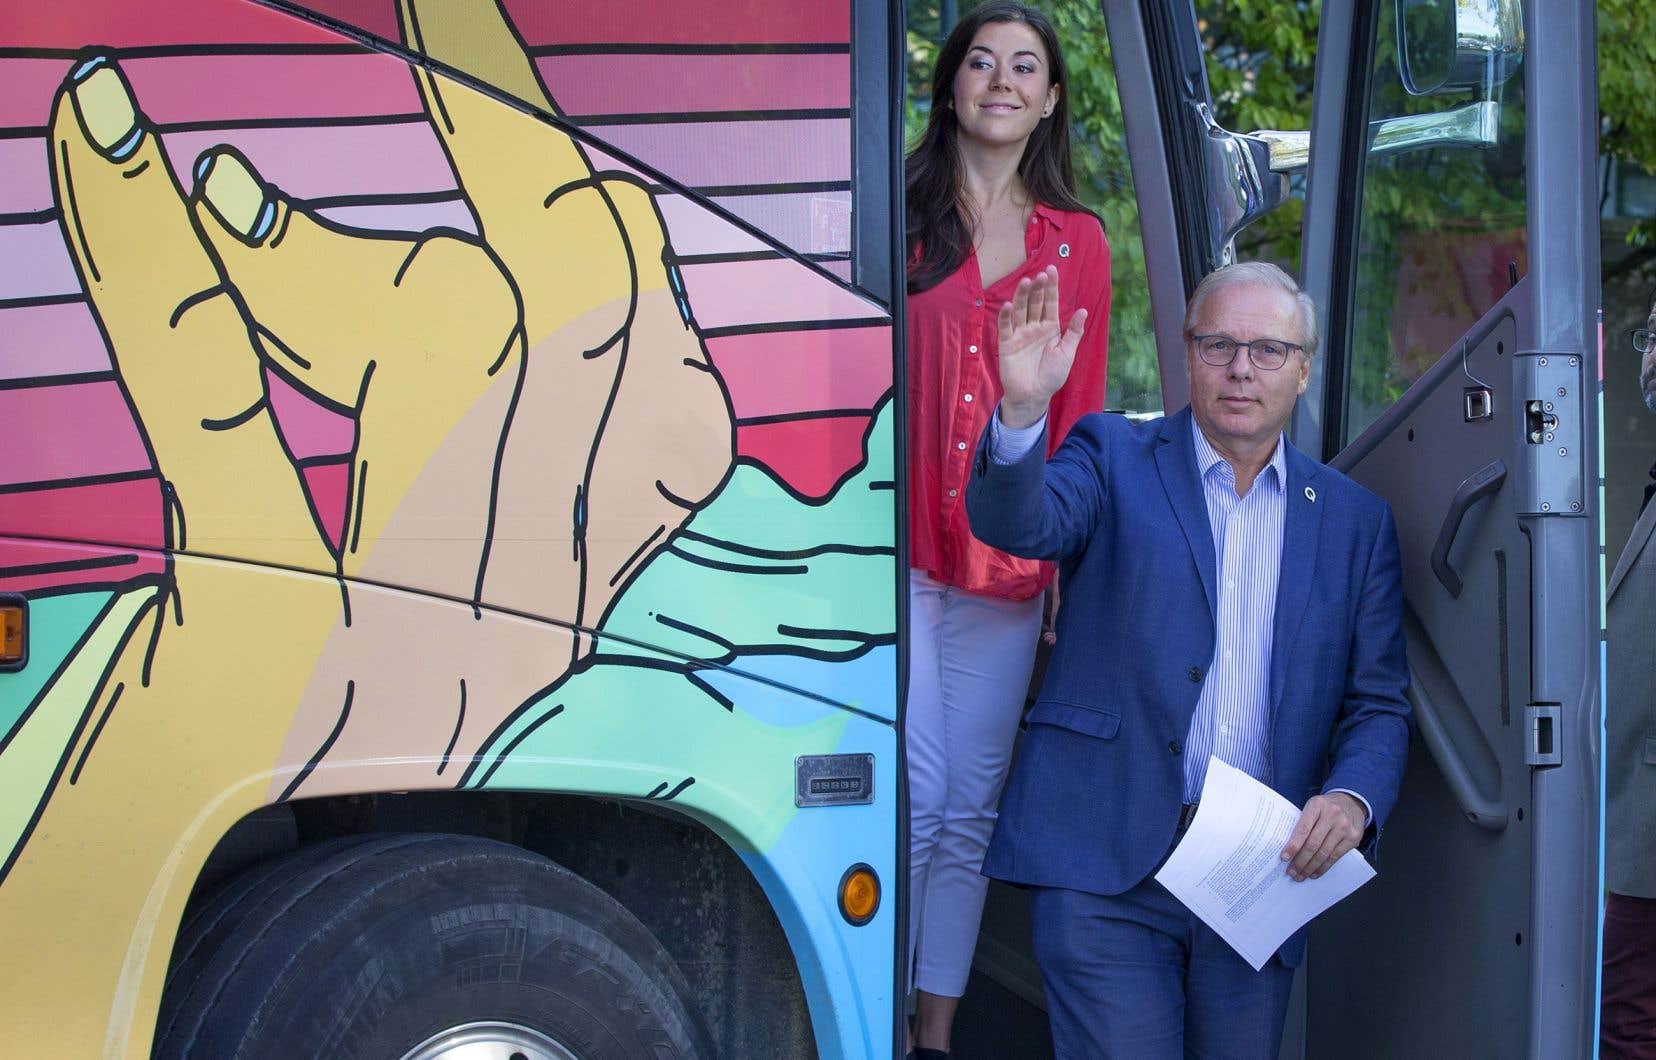 Le Parti québécois propose de réduire de 60% le tarif des transports en commun en dehors des heures de pointe.